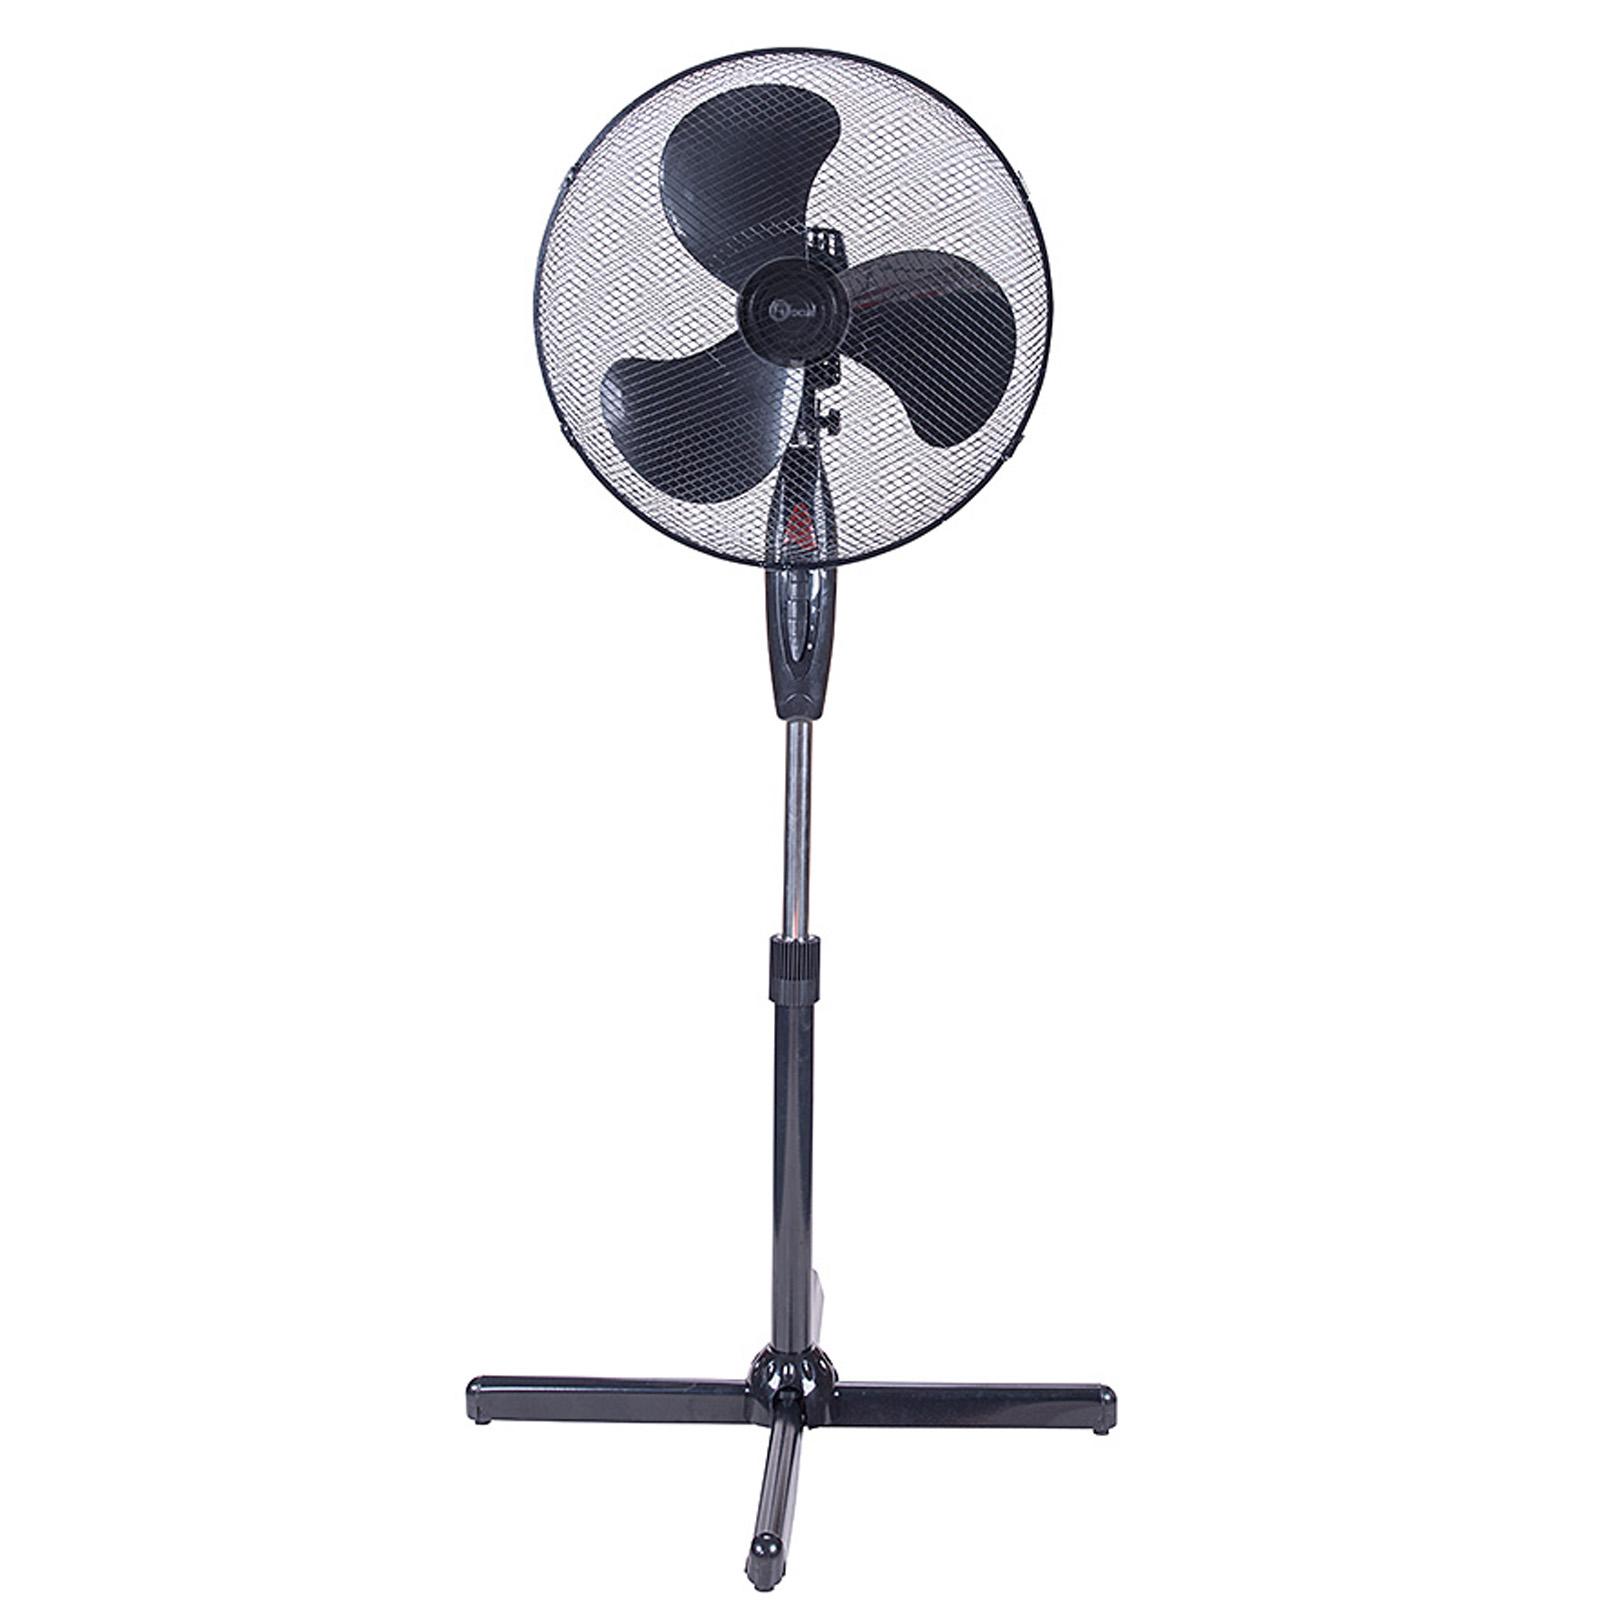 standventilator windmaschine l fter ventilator luft k hler. Black Bedroom Furniture Sets. Home Design Ideas